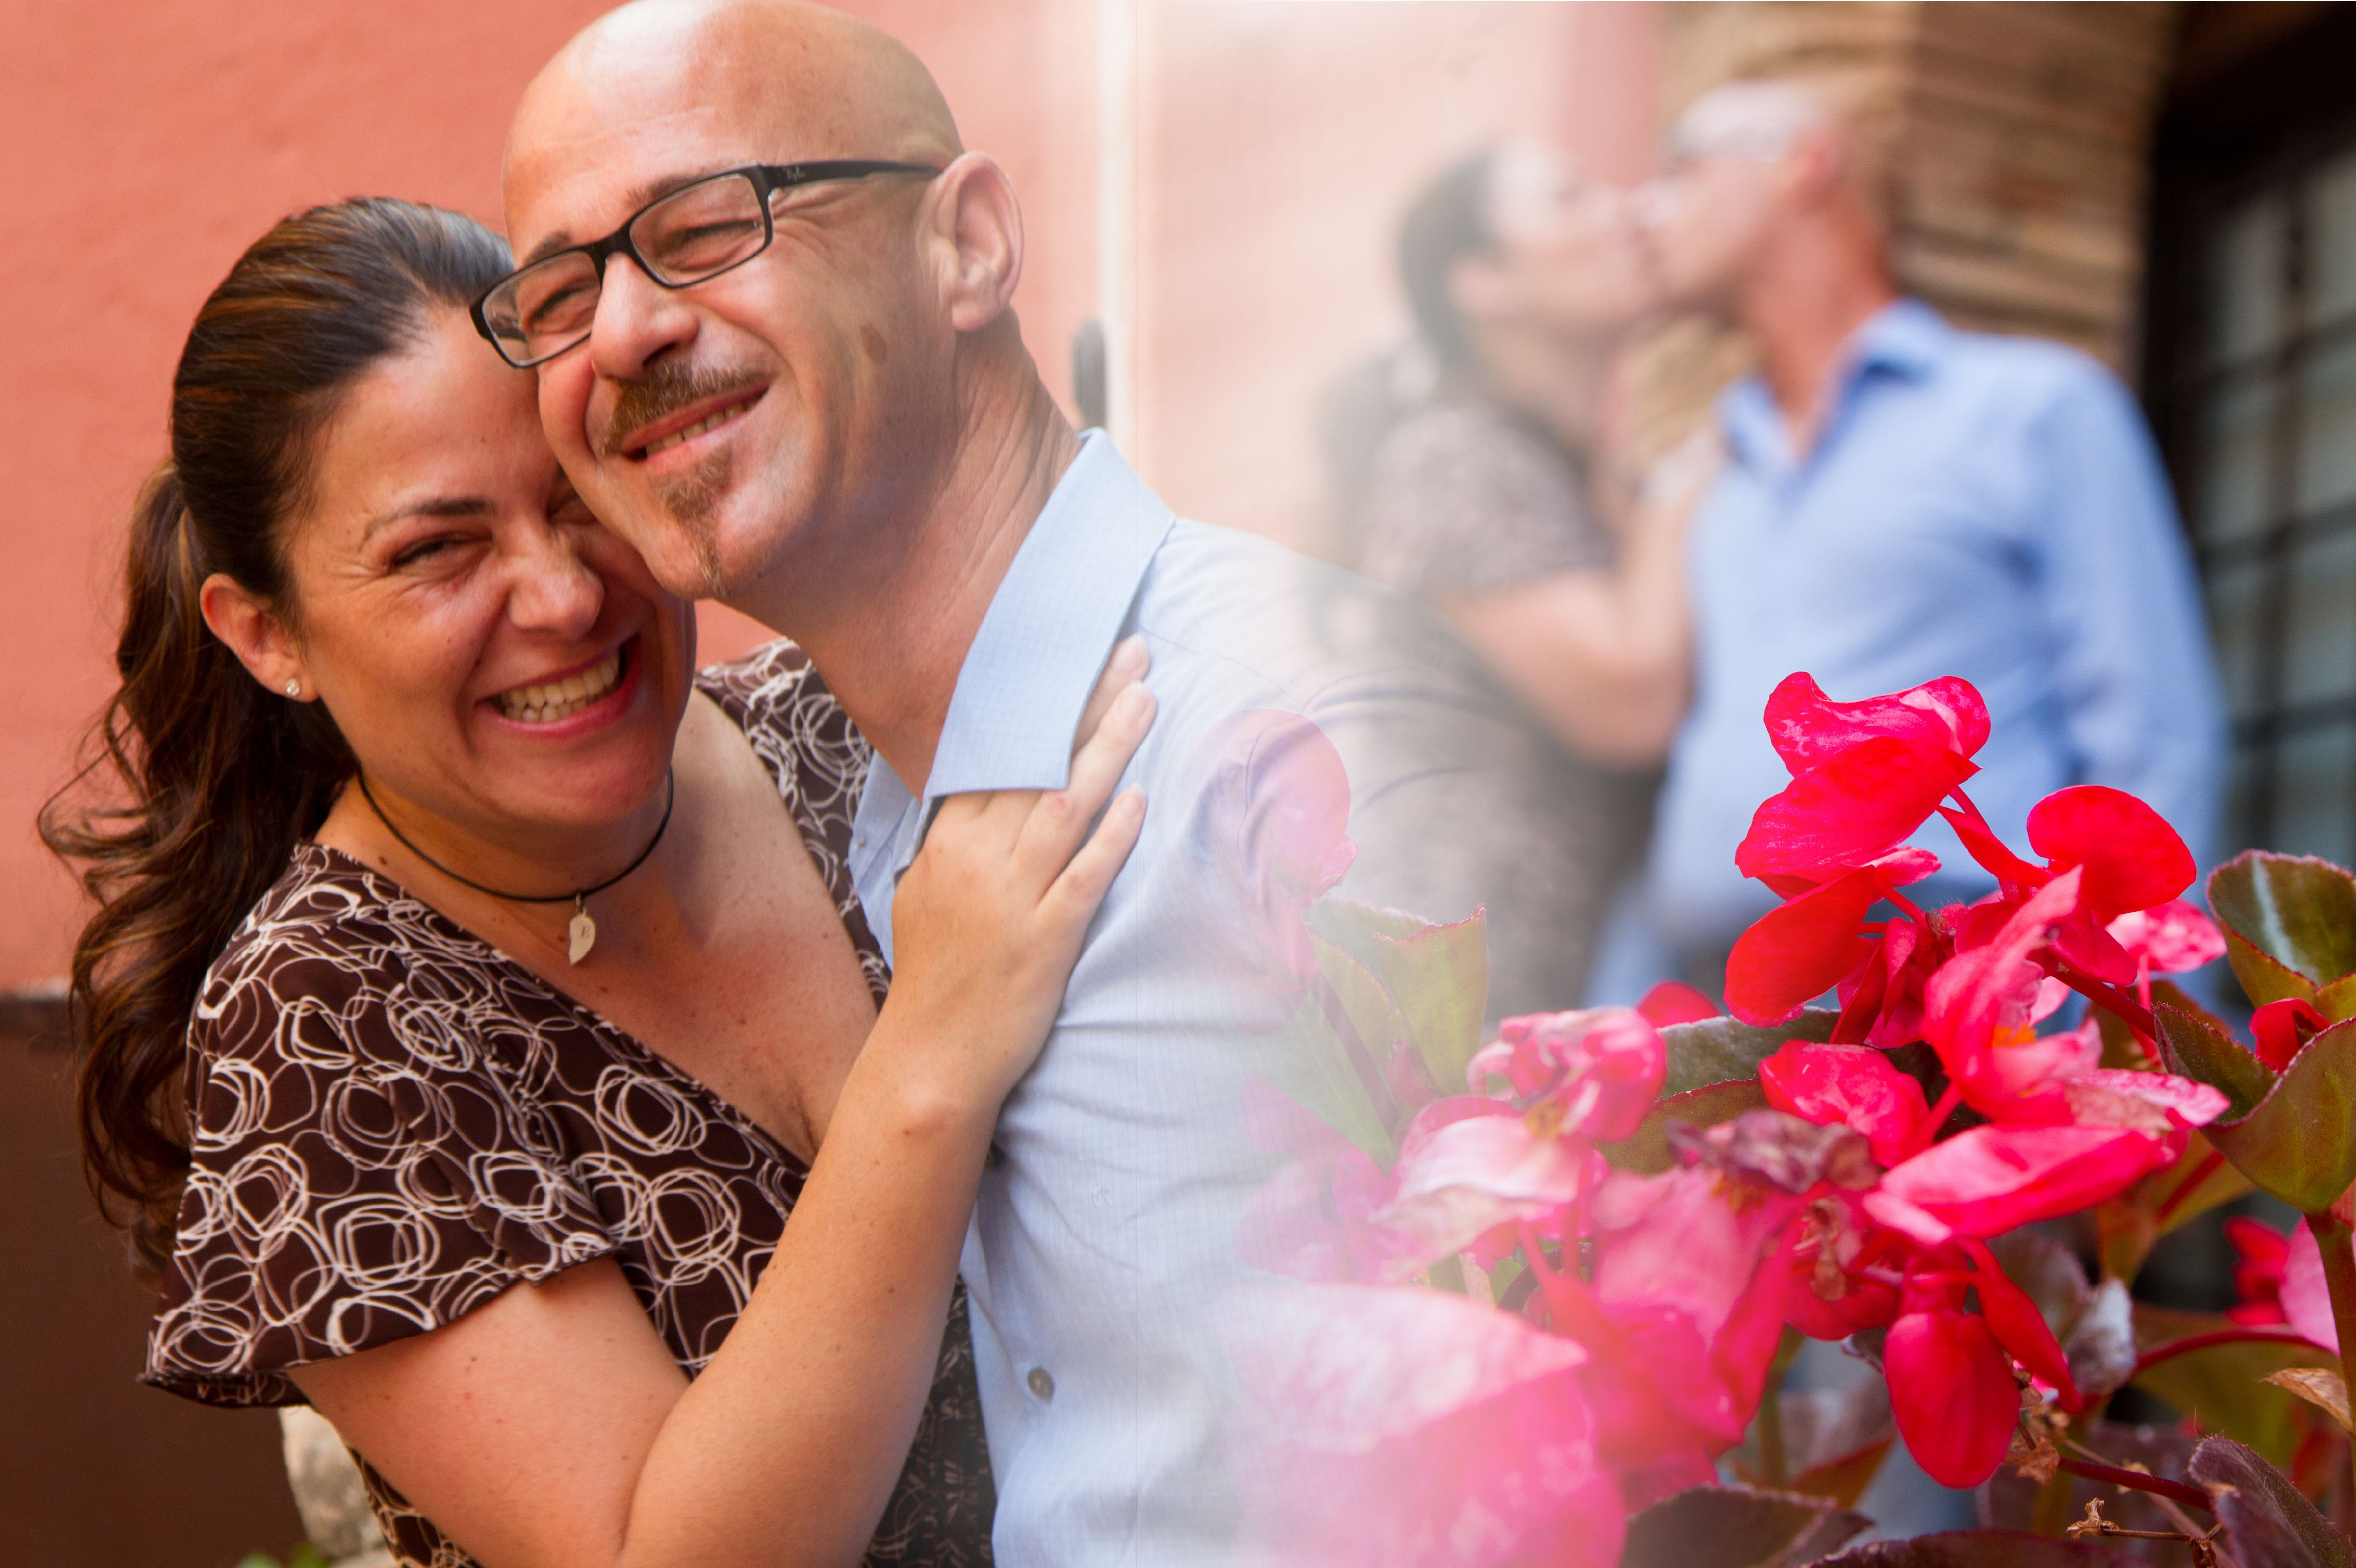 servizi fotografico matrimonio prematrimoniale omaggio